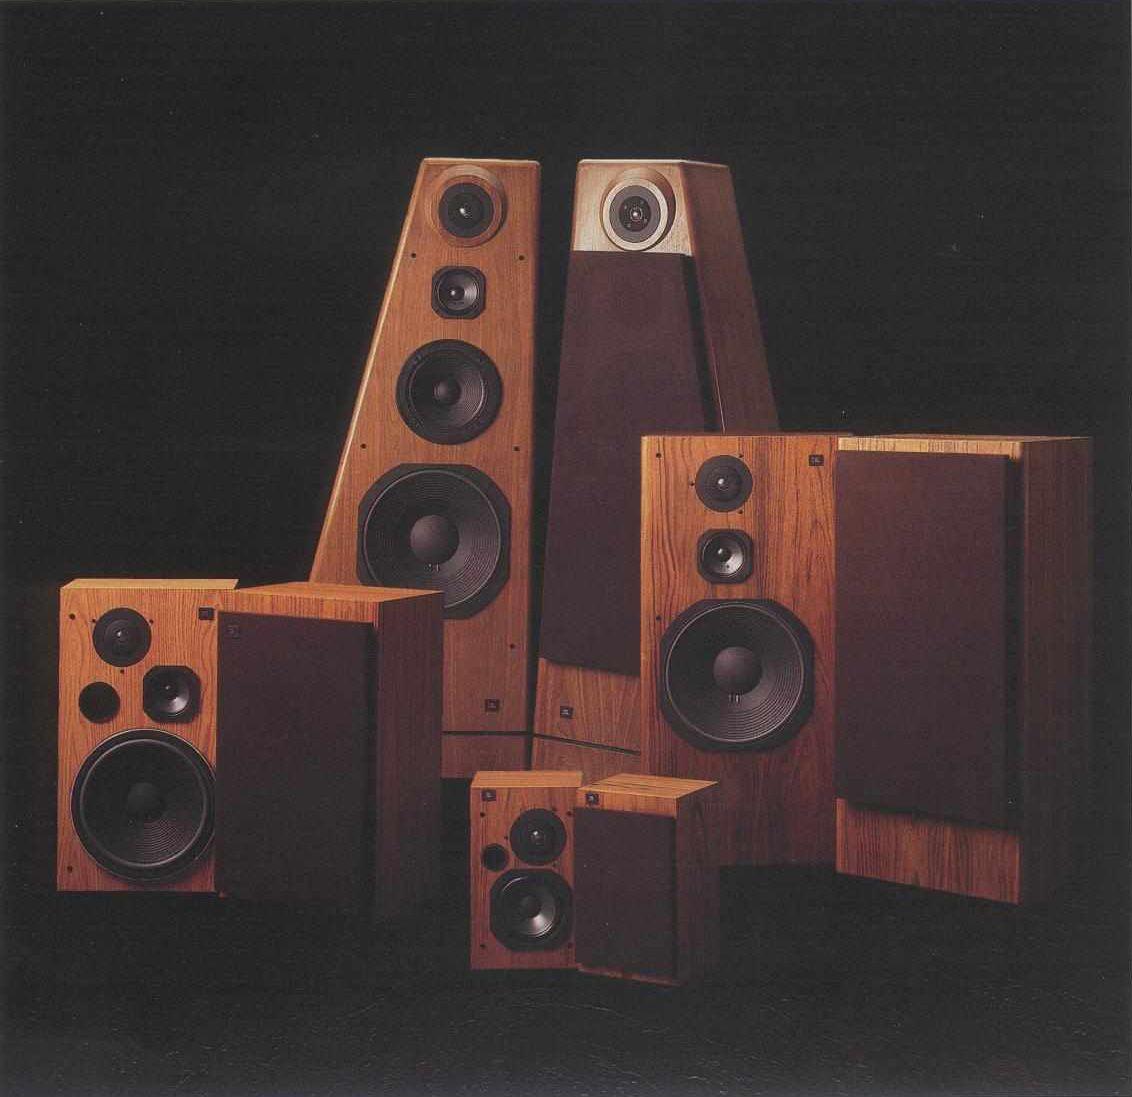 *classic jbl speaker designs - http://blog.iso50.com/30580/classic-jbl-speaker-designs/